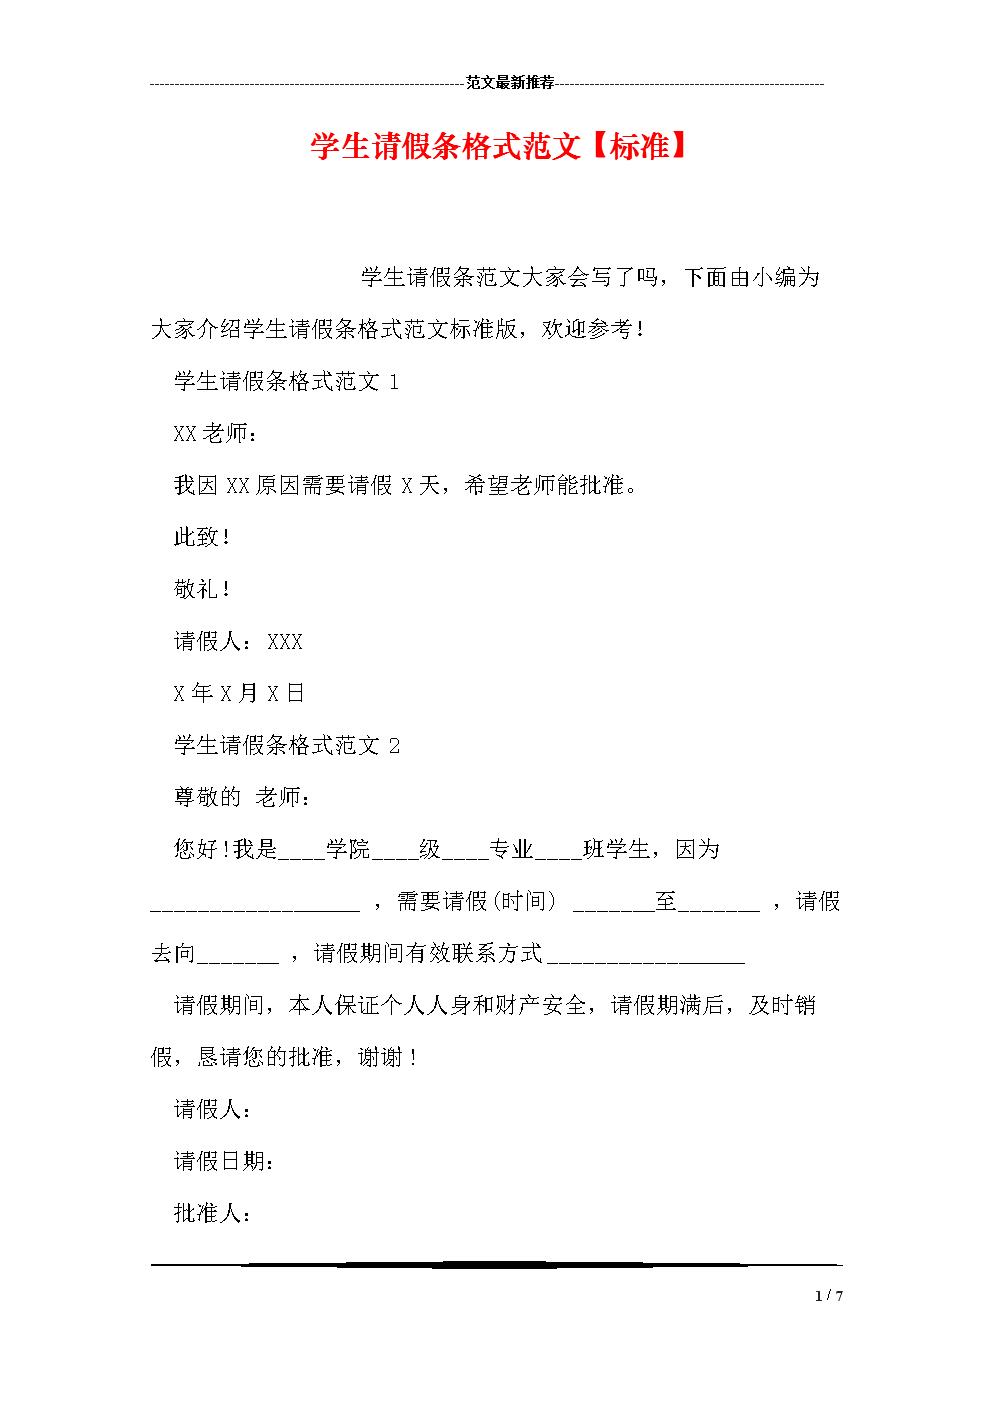 學生請假條格式范文【標準】.doc圖片